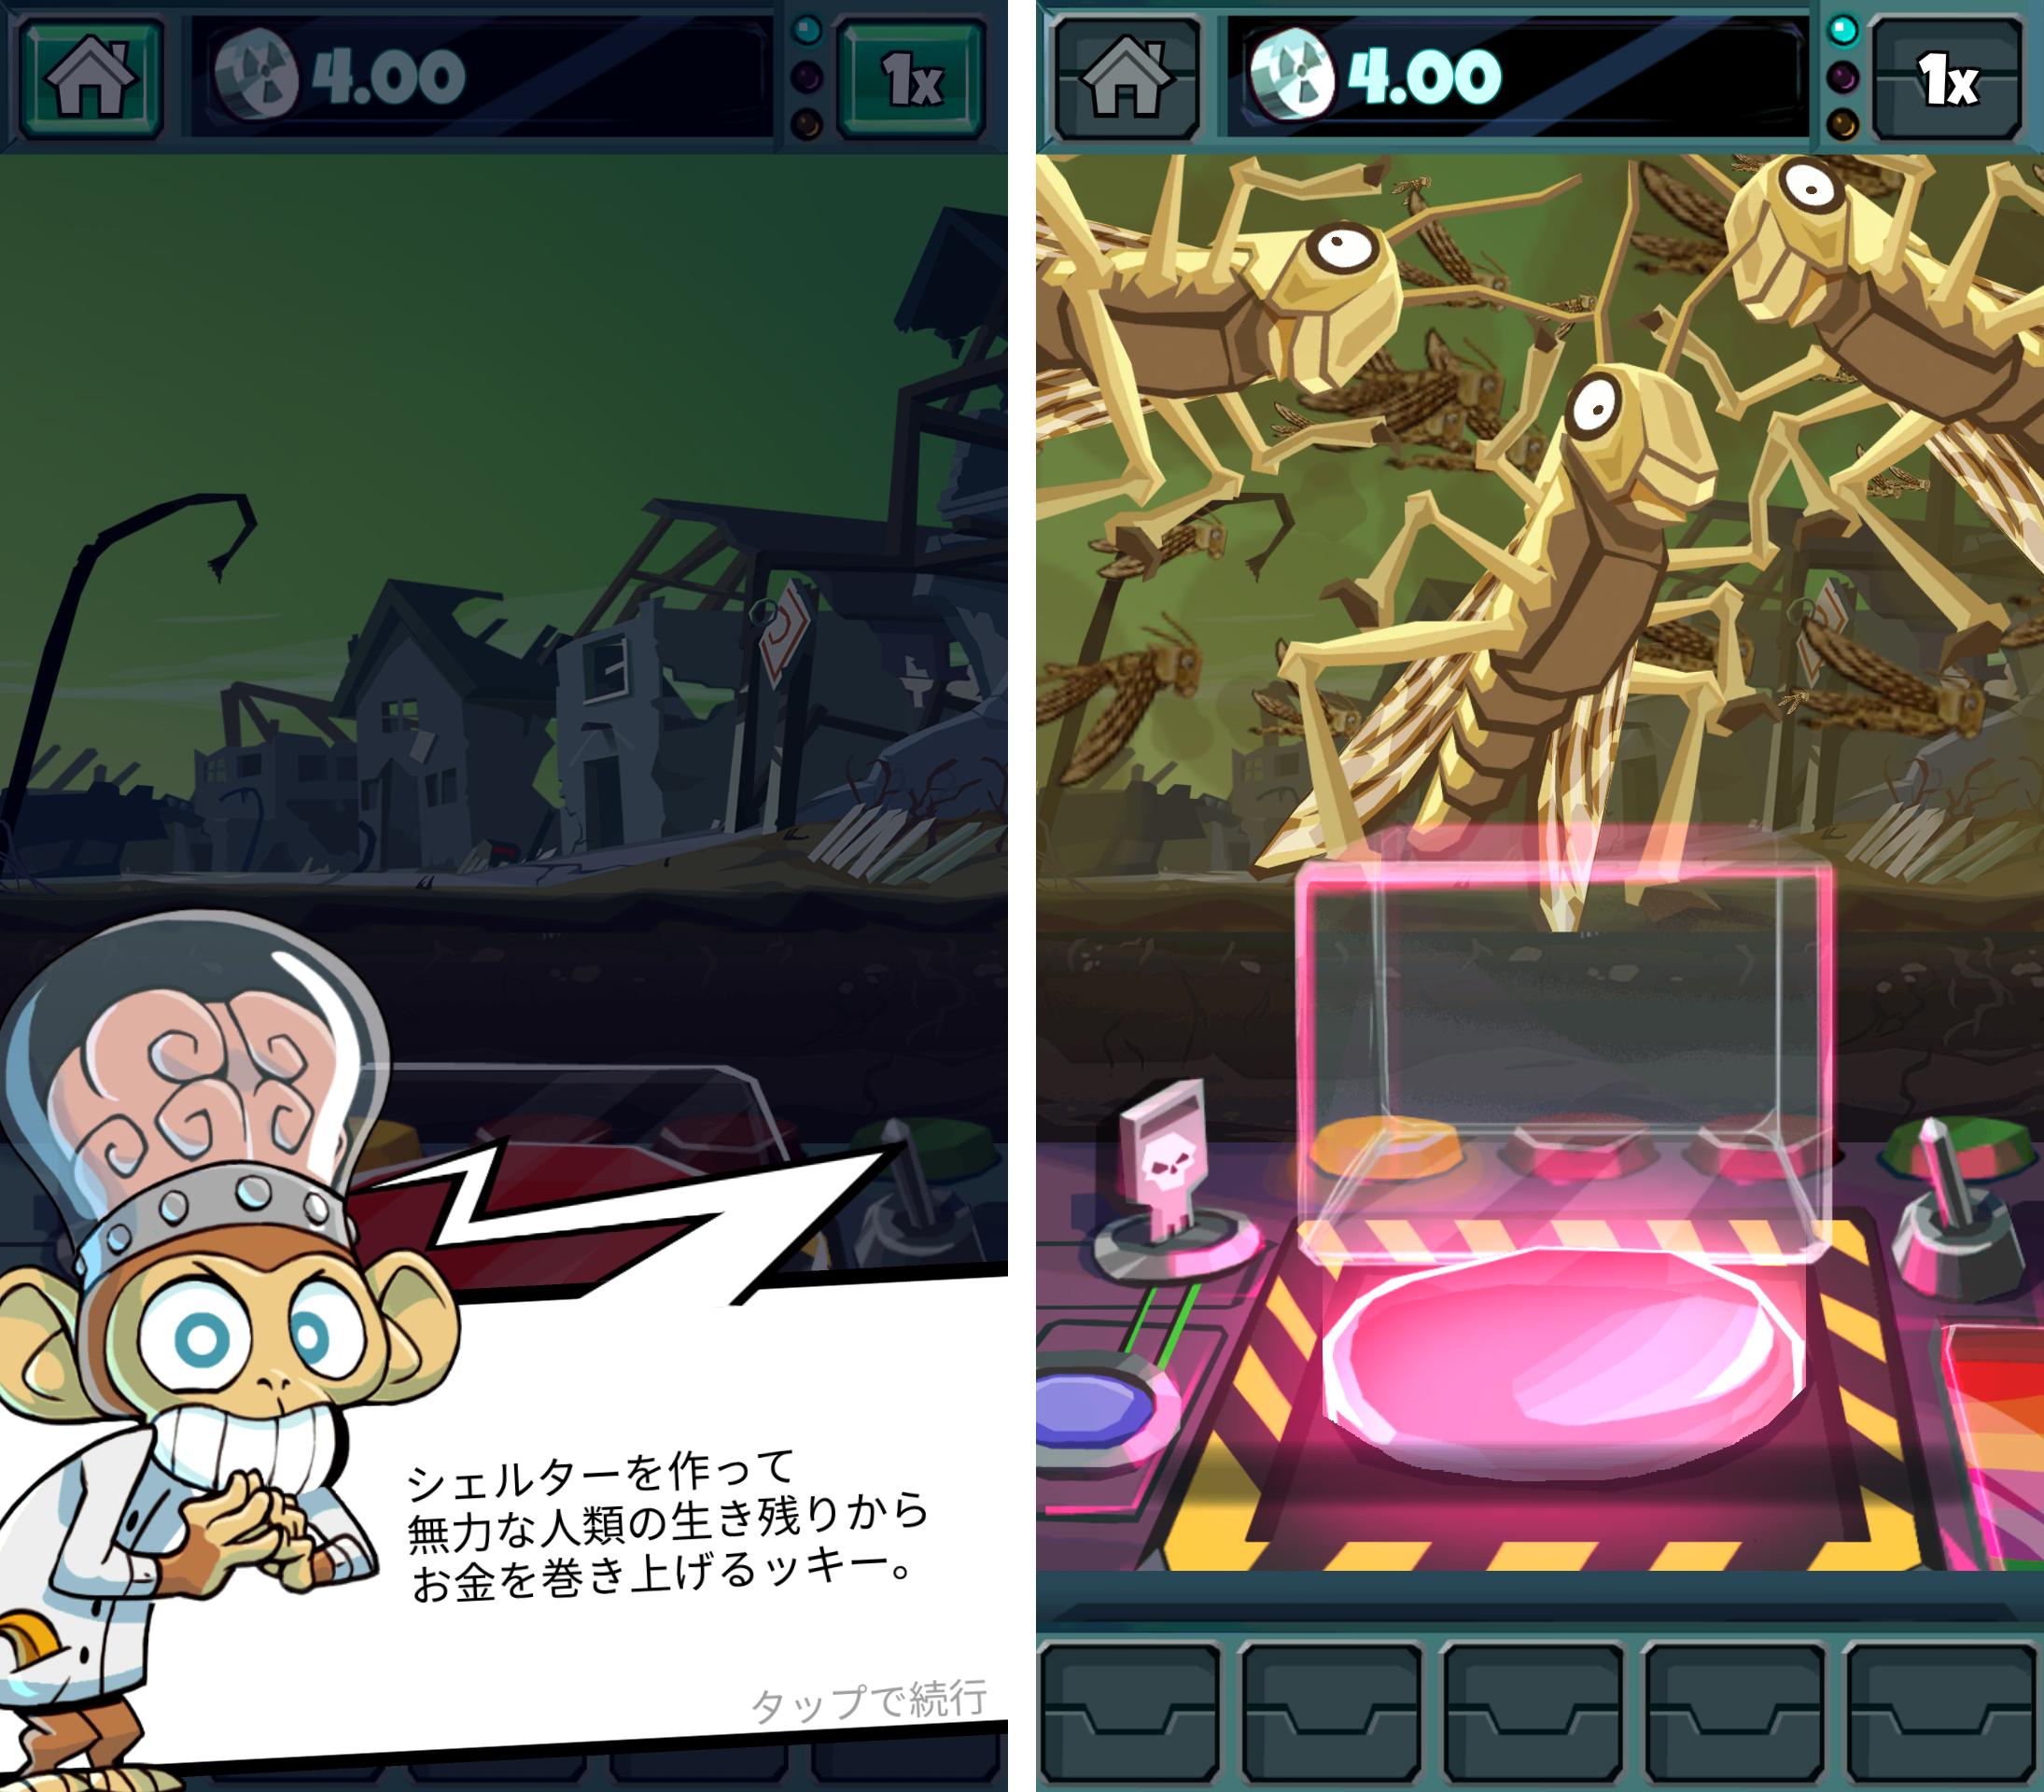 終末クリッカー(Doomsday Clicker) androidアプリスクリーンショット2